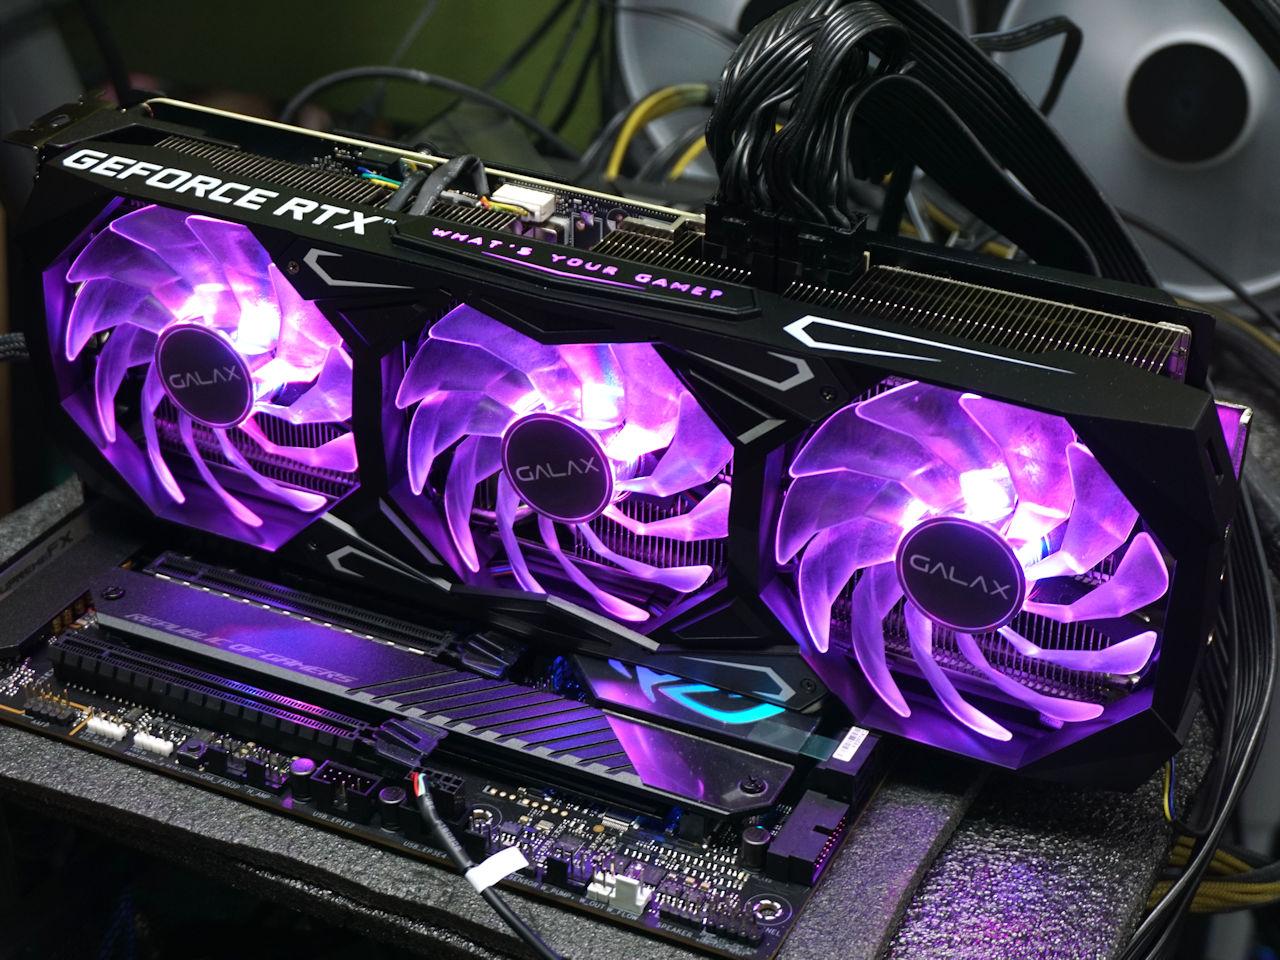 GALAX GeForce RTX 3080 Ti SG